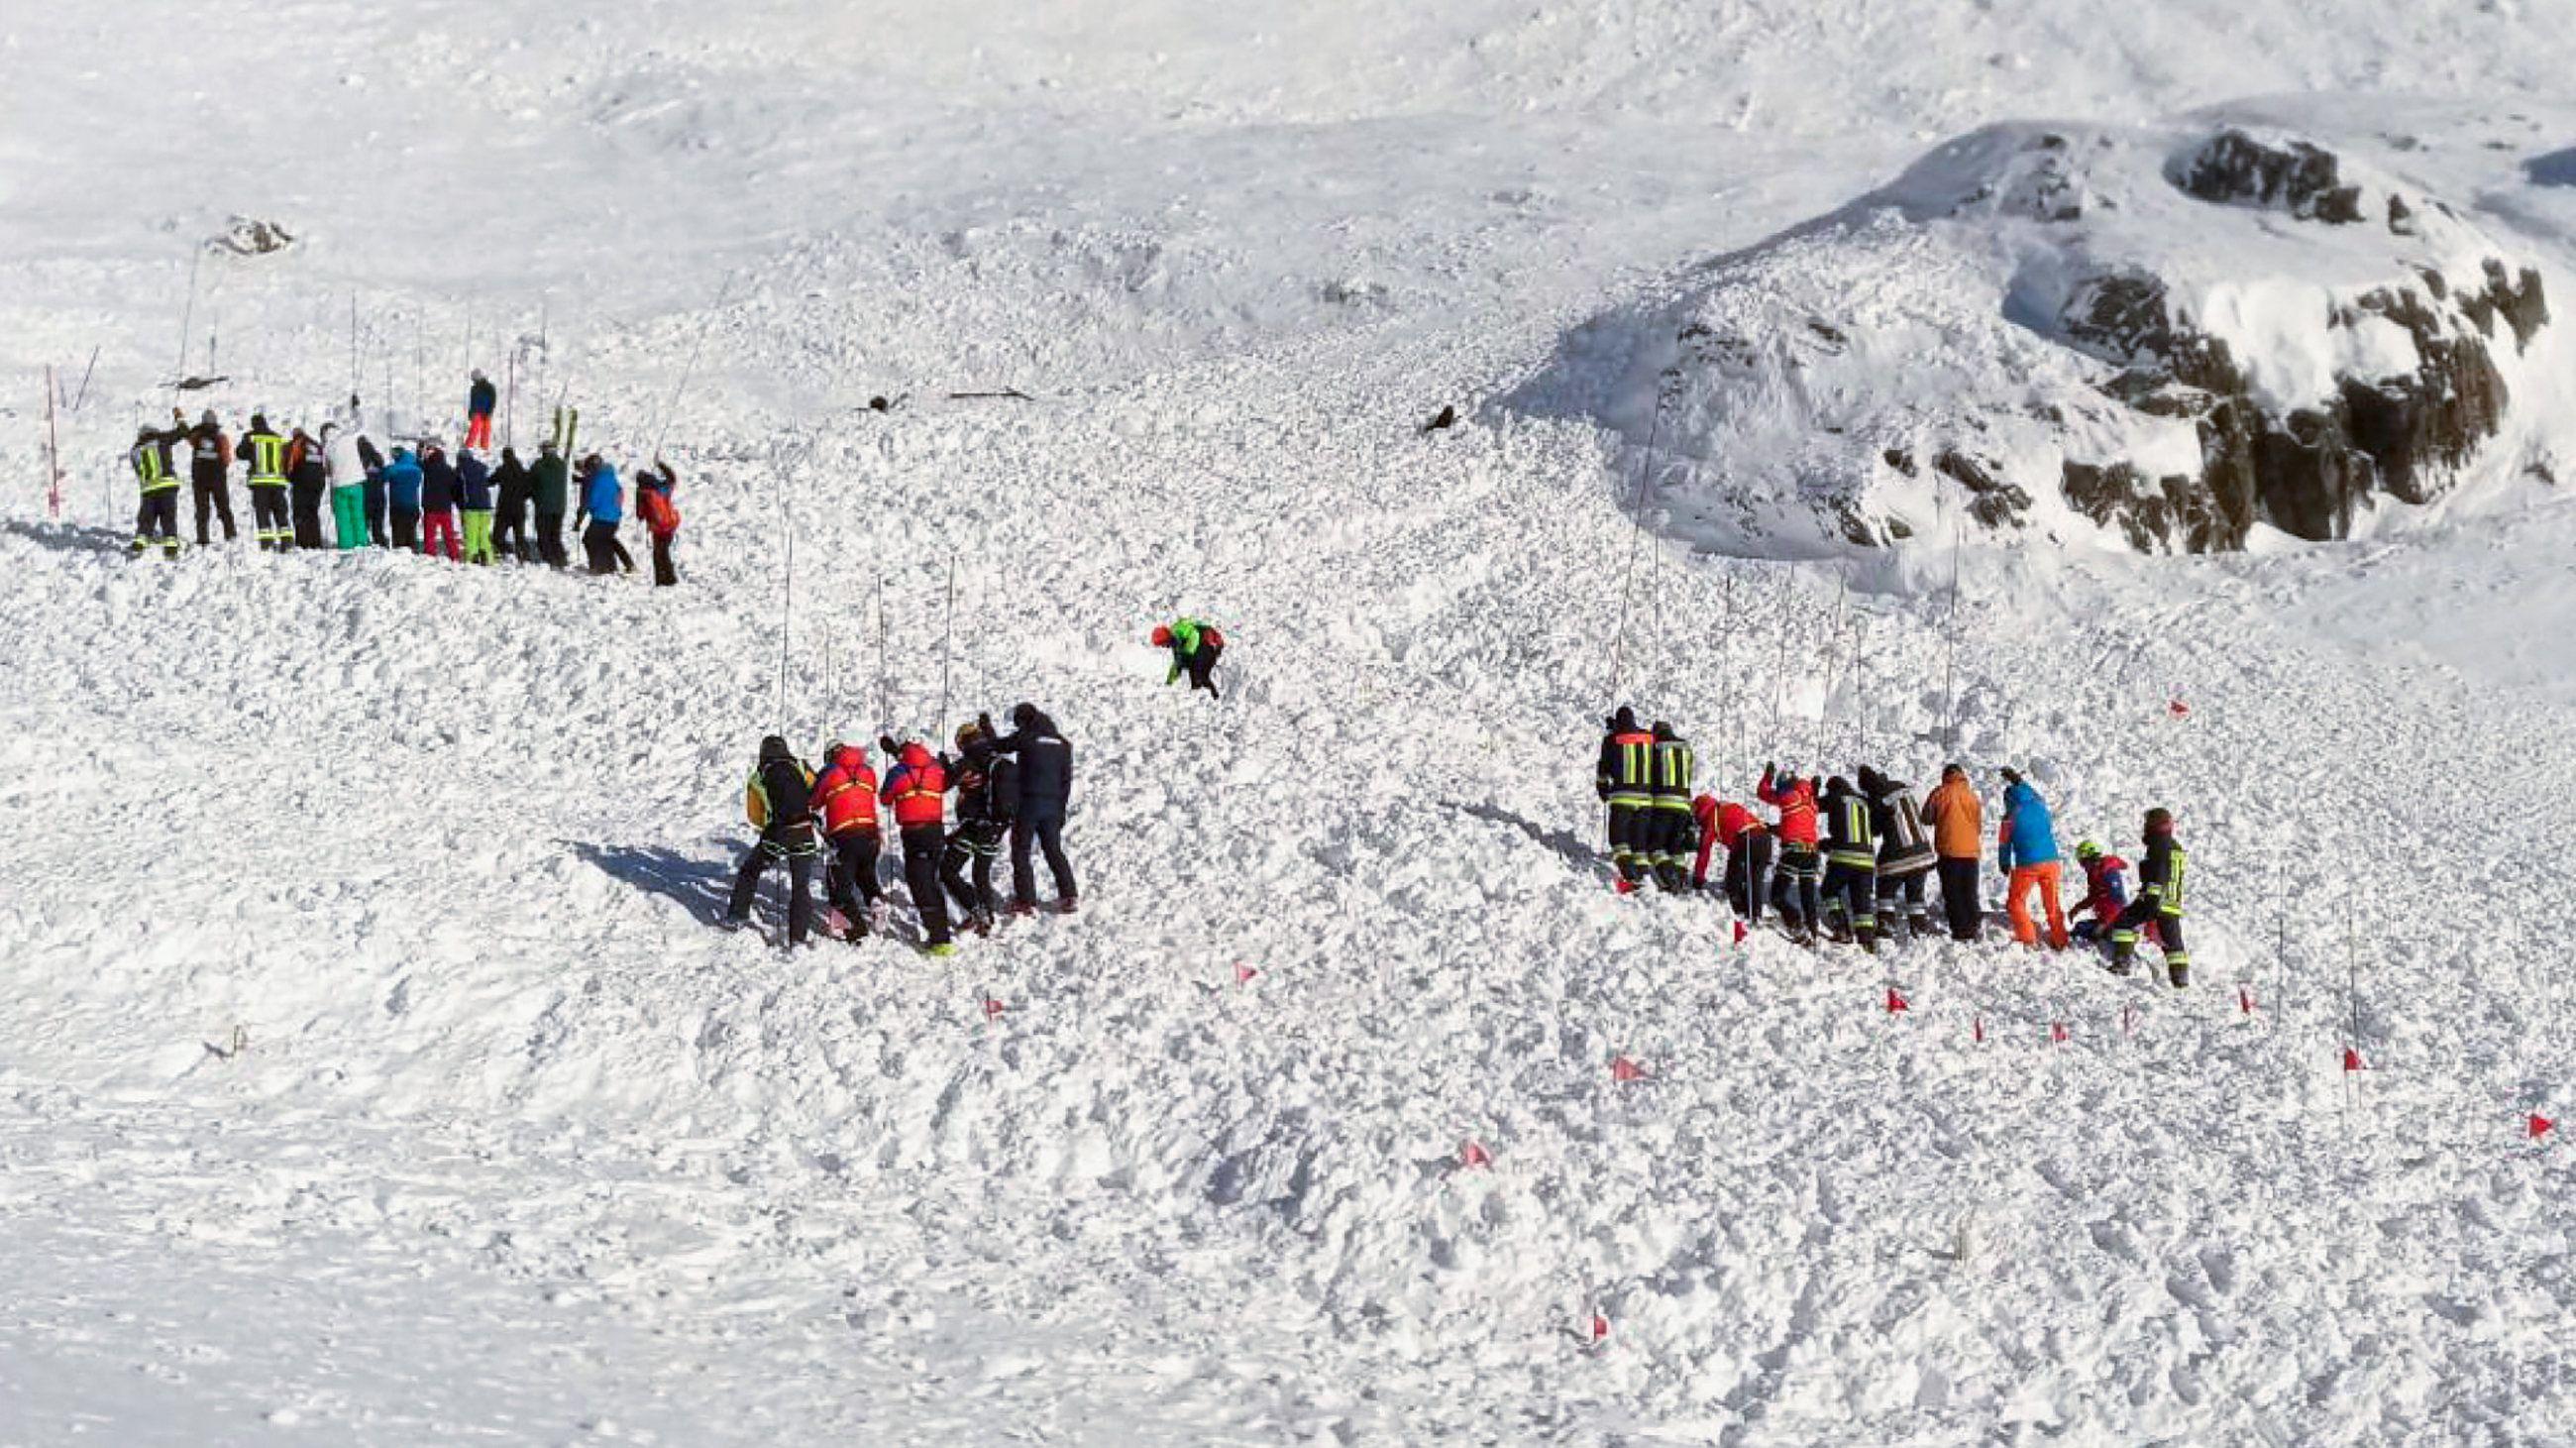 Rettungskräfte arbeiten bei einer Suchaktion nach einer Lawine auf einer Sk